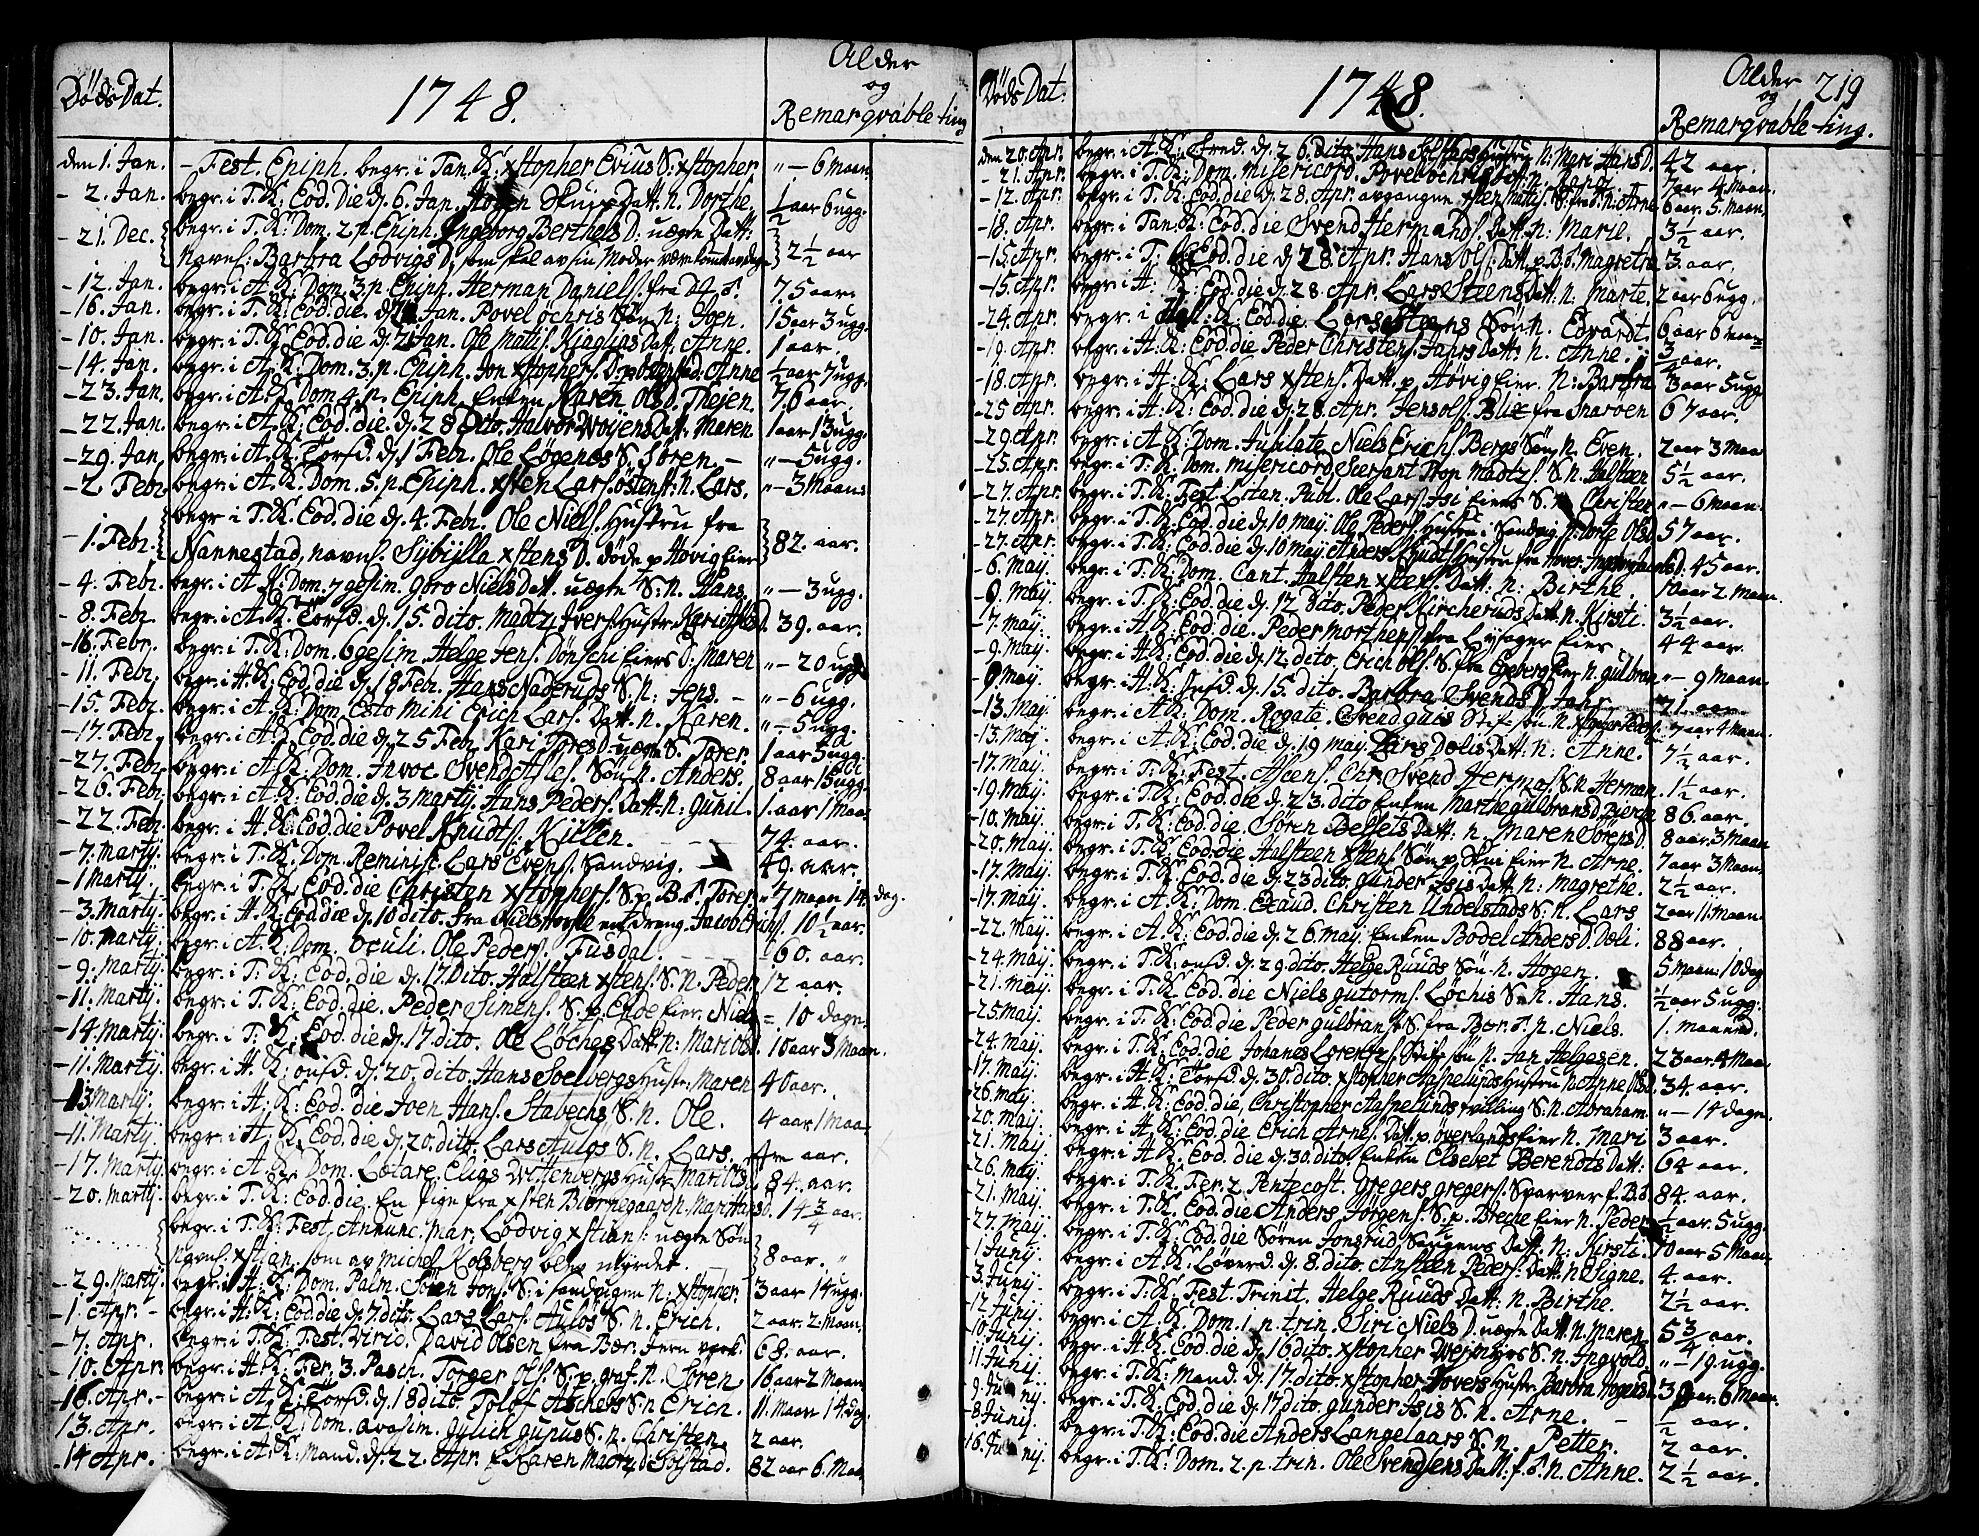 SAO, Asker prestekontor Kirkebøker, F/Fa/L0002: Ministerialbok nr. I 2, 1733-1766, s. 219